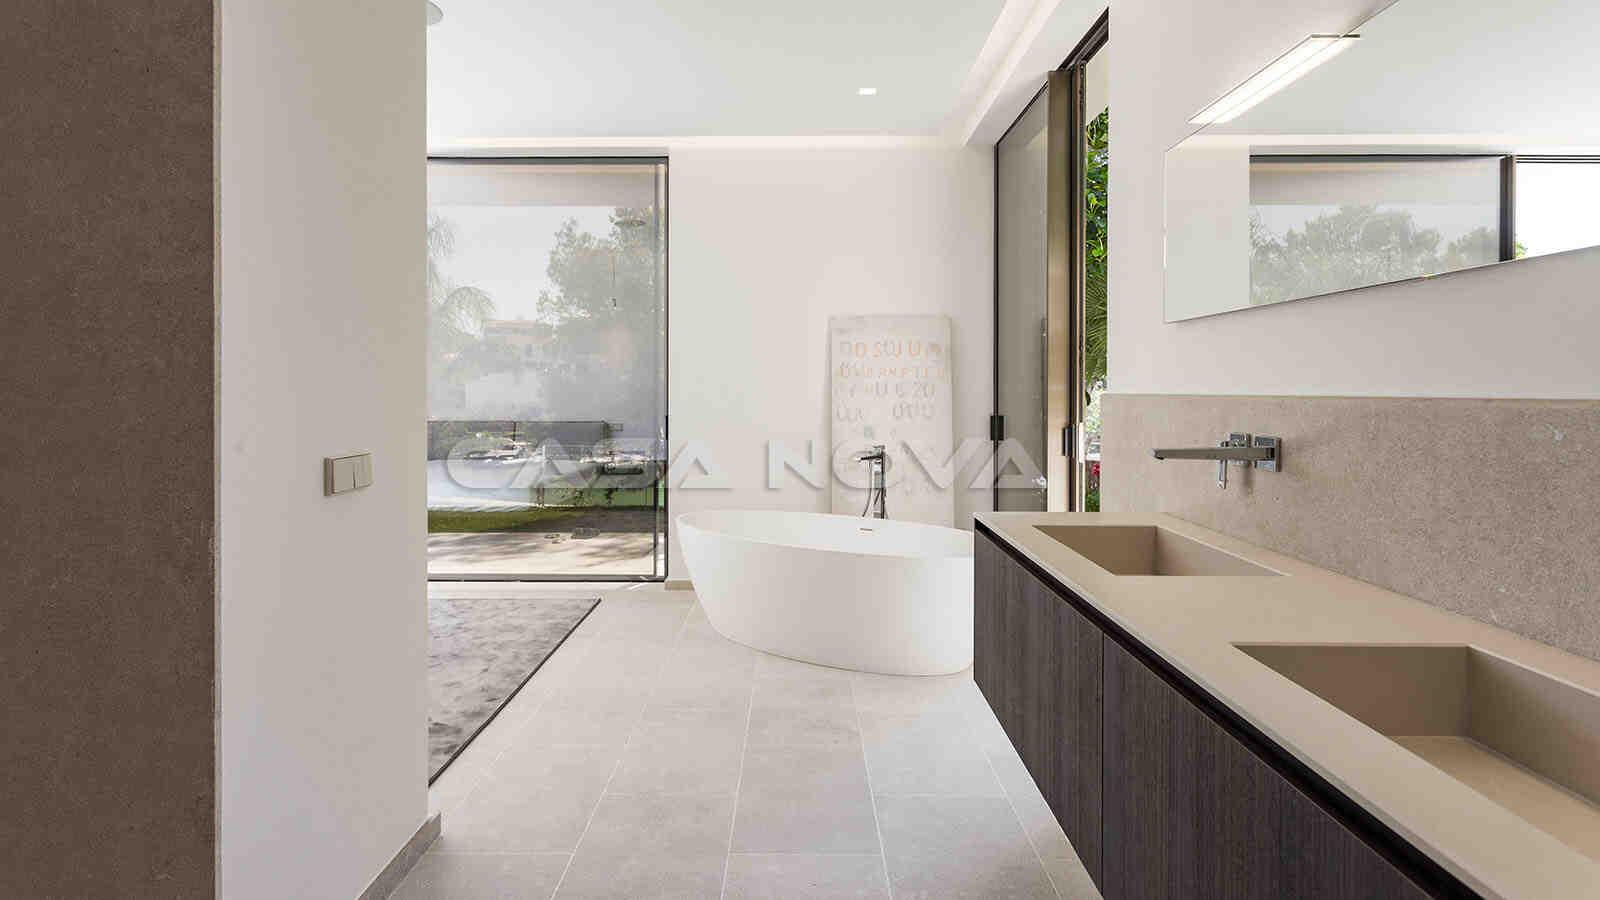 Ref. 2402530 - Stilvolles Masterbadezimmer mit Badewanne